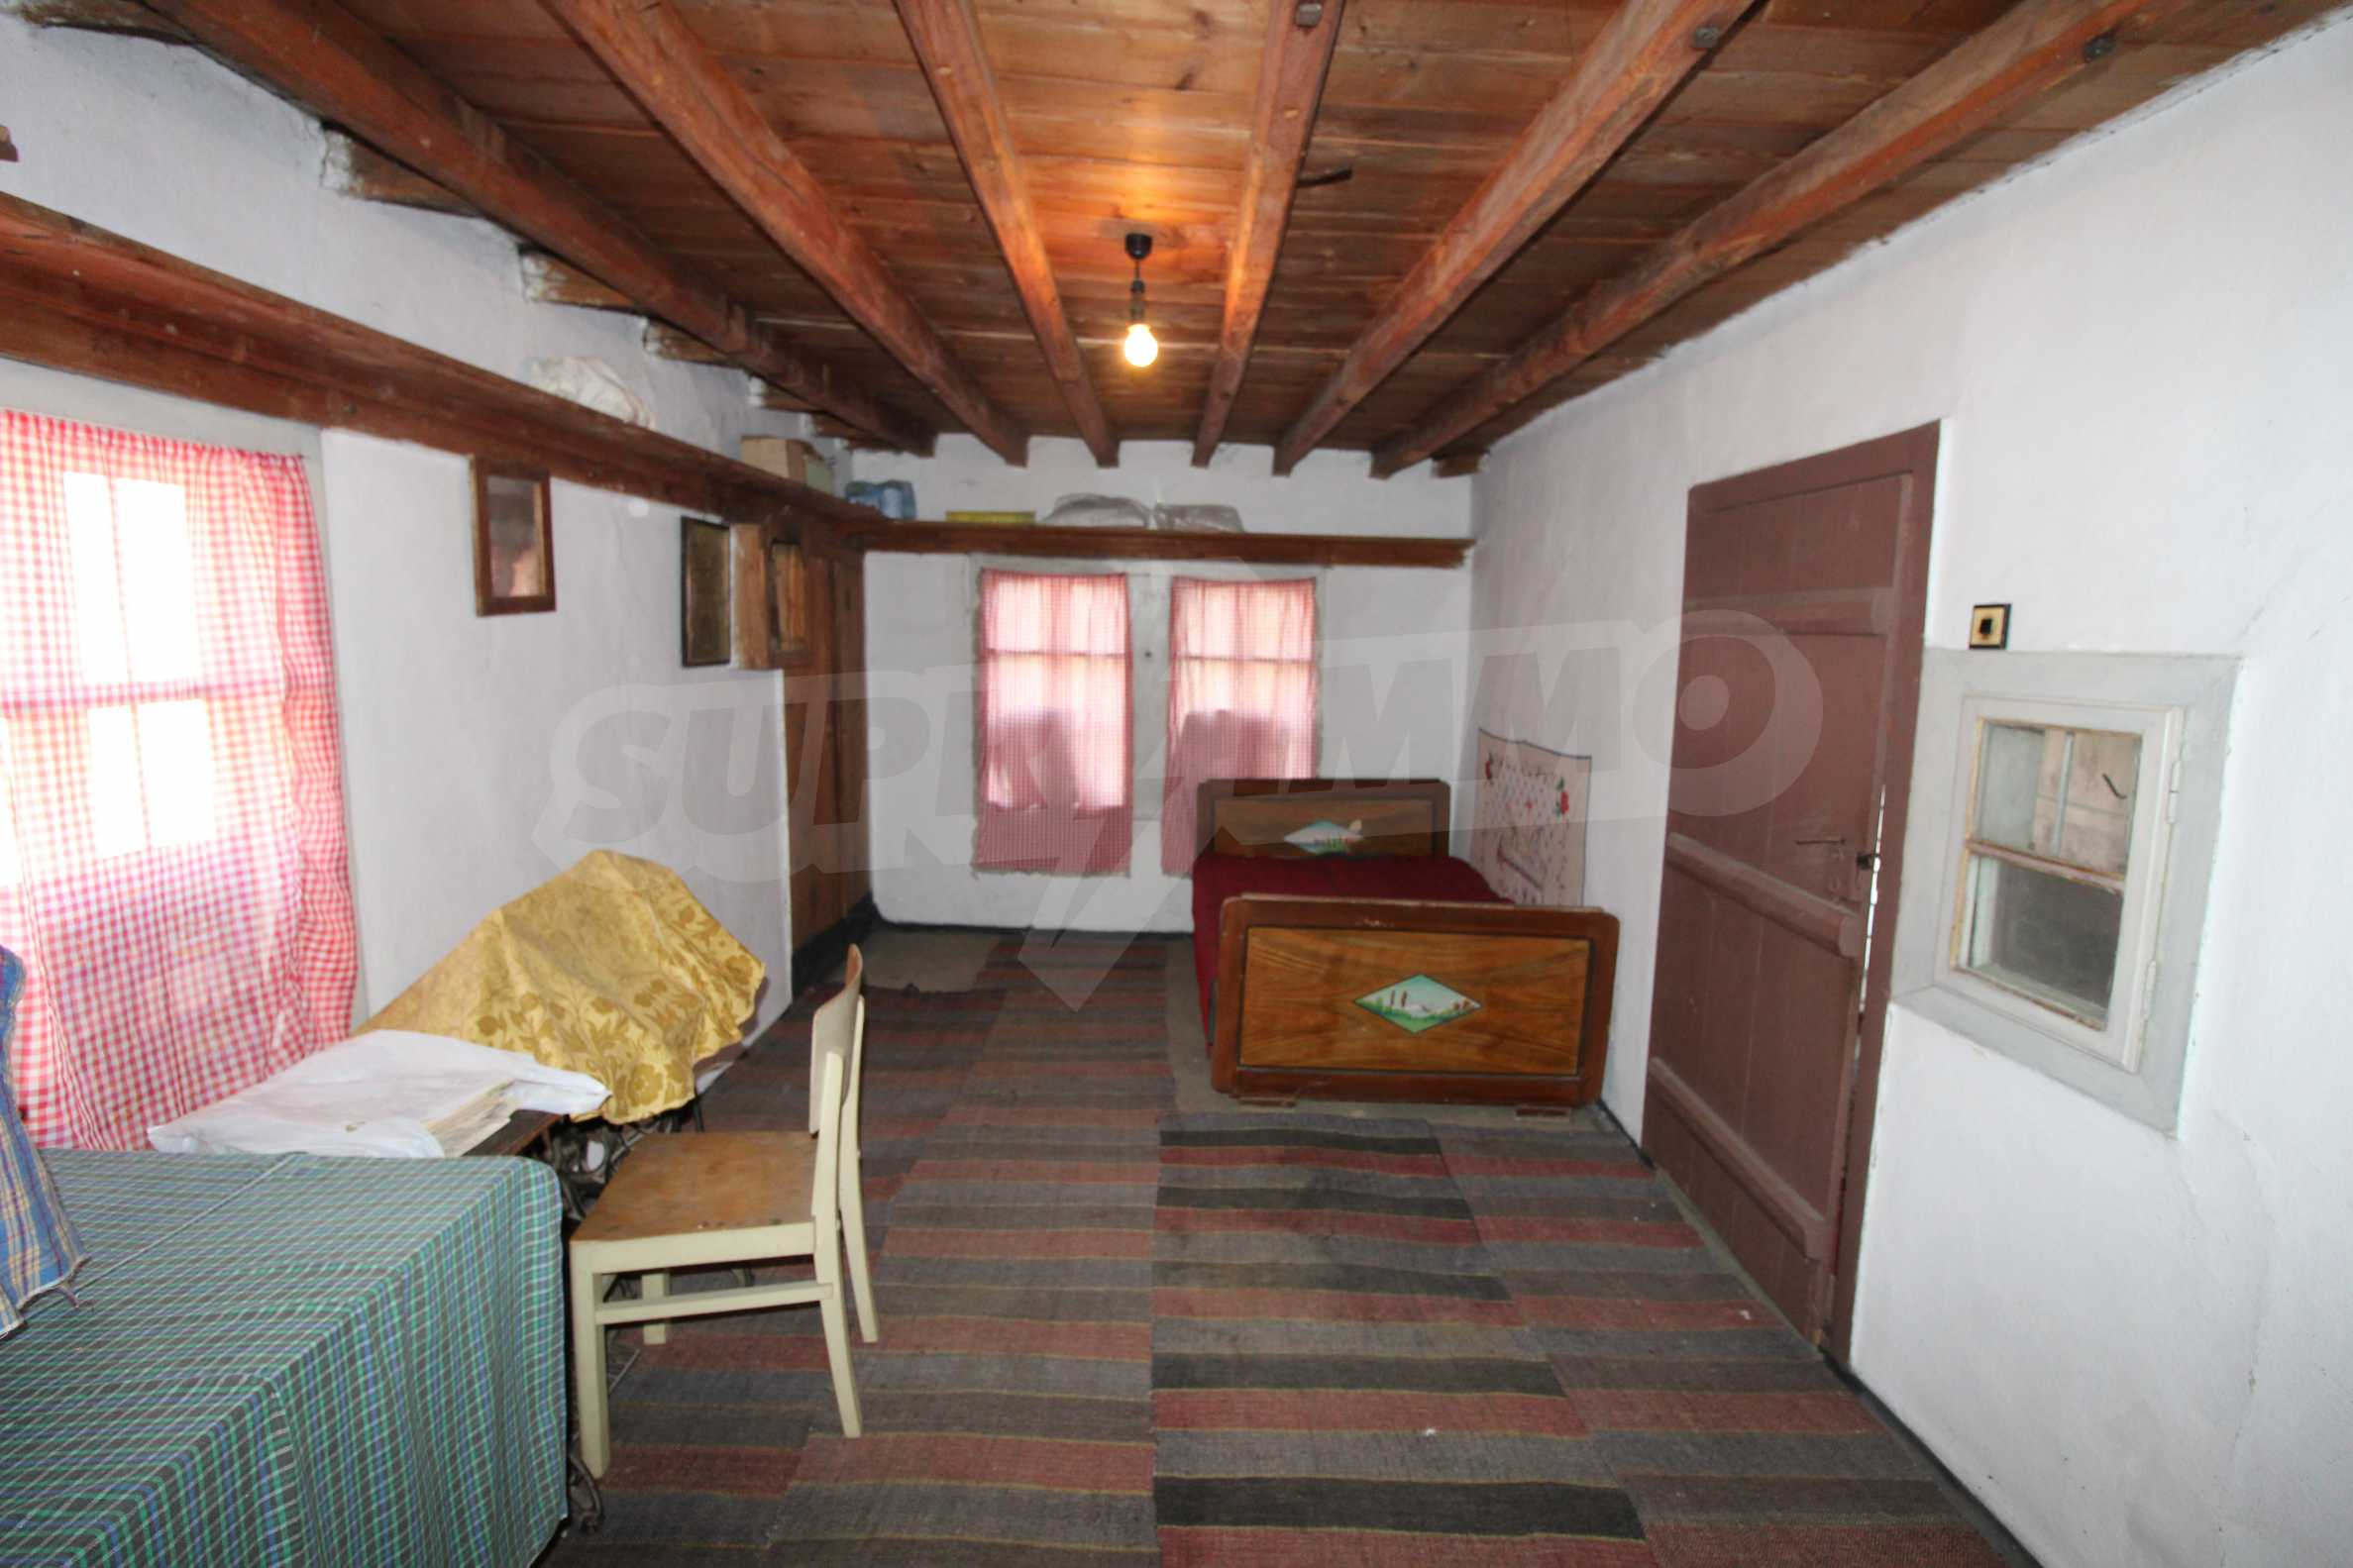 Zweistöckiges Haus mit Hof, 3 km von Weliko Tarnowo entfernt 20